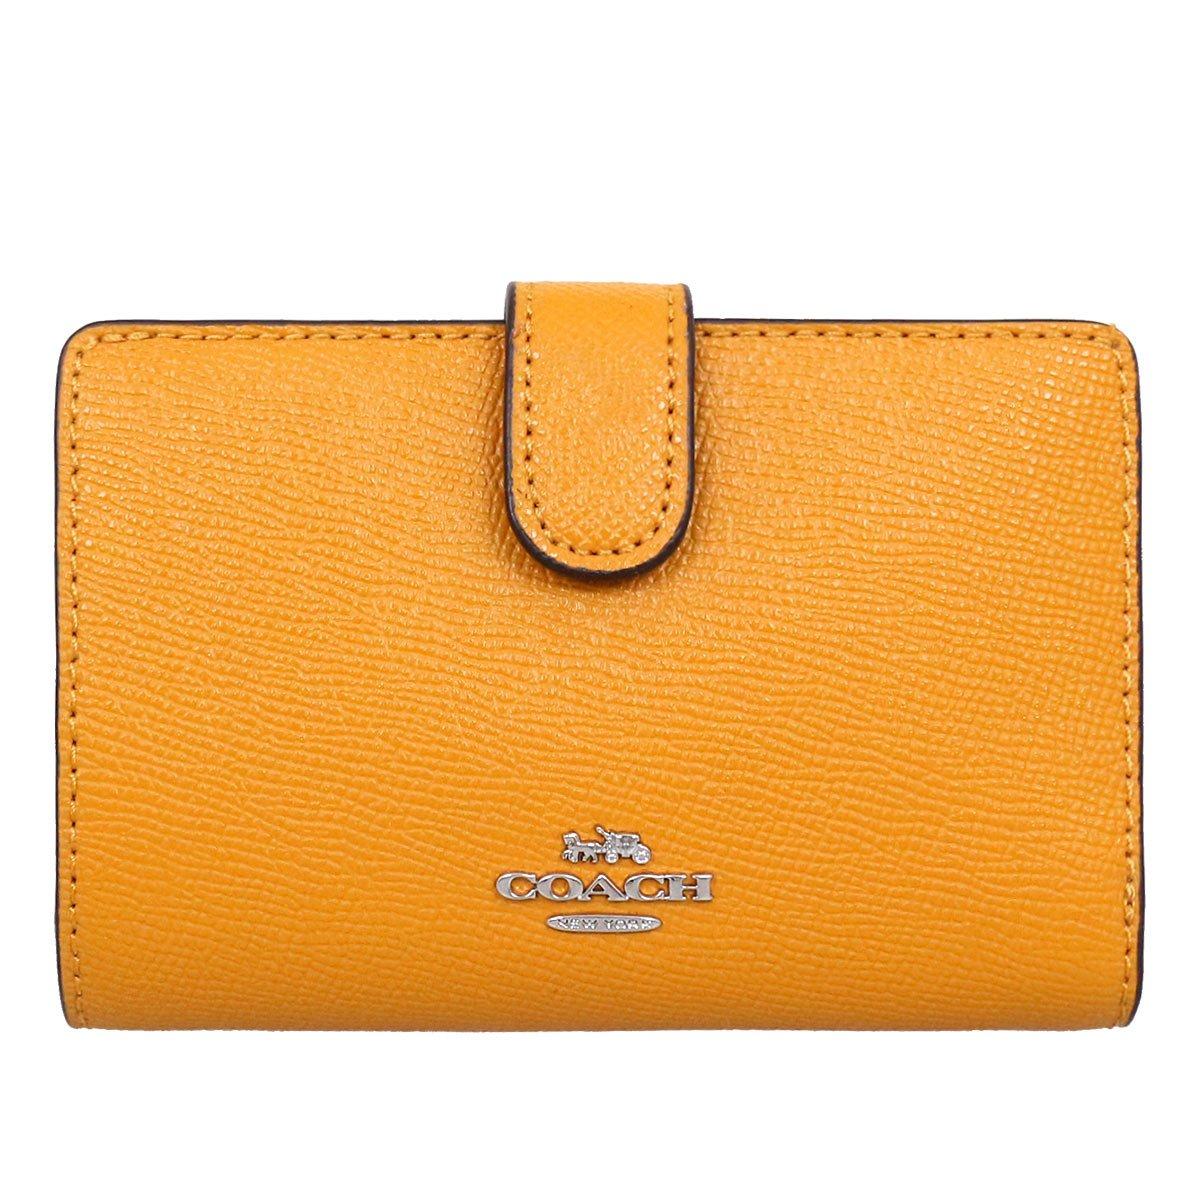 [コーチ] COACH 財布 (二つ折り財布) F11484 レザー 二つ折り財布 レディース [アウトレット品] [並行輸入品] B07DSRMVXR タンジェリン タンジェリン